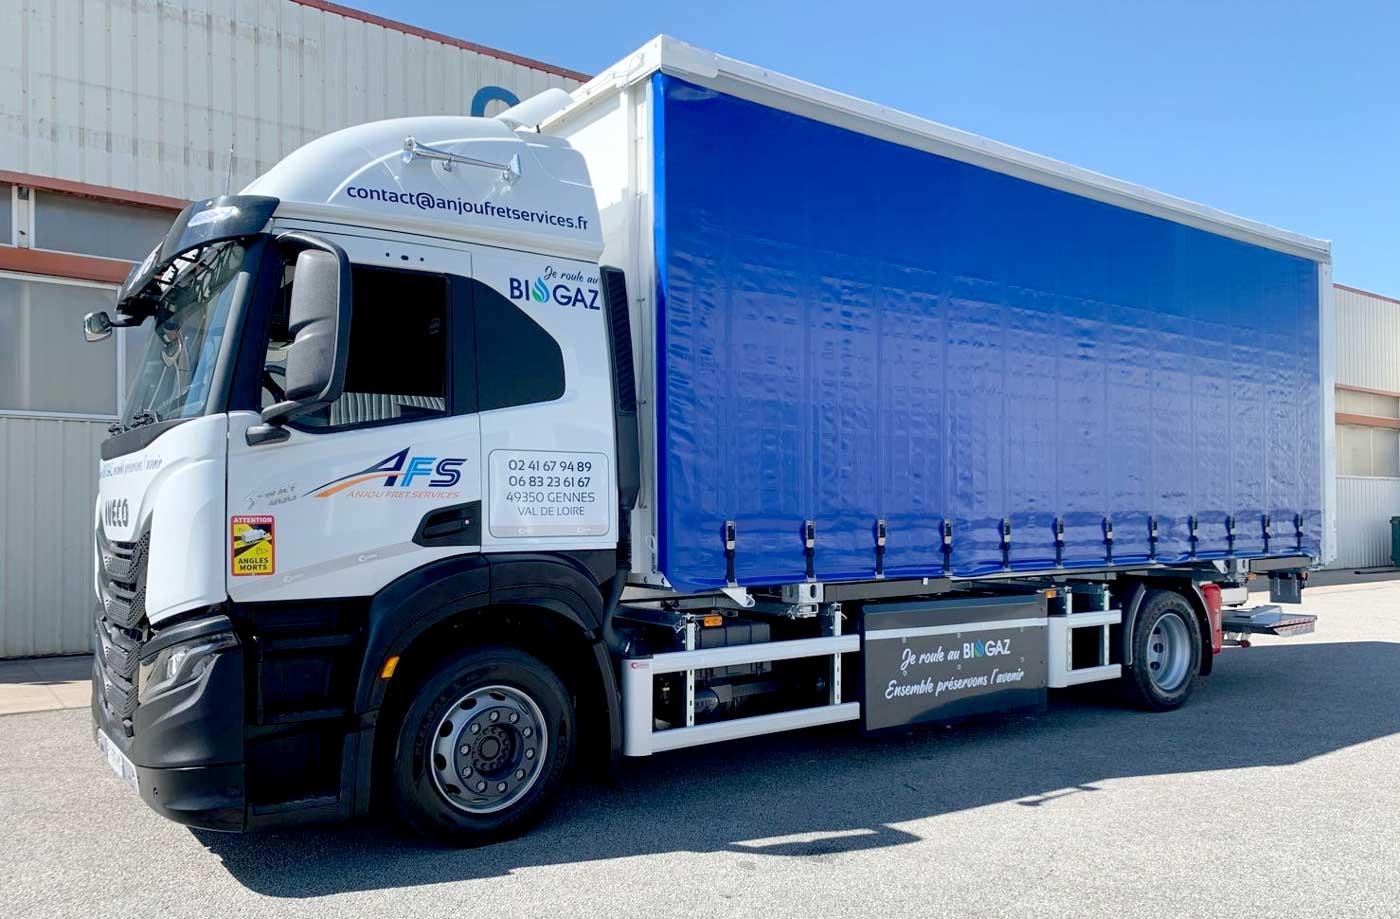 Un premier camion bioGNV longue distance pour Anjou Fret Services